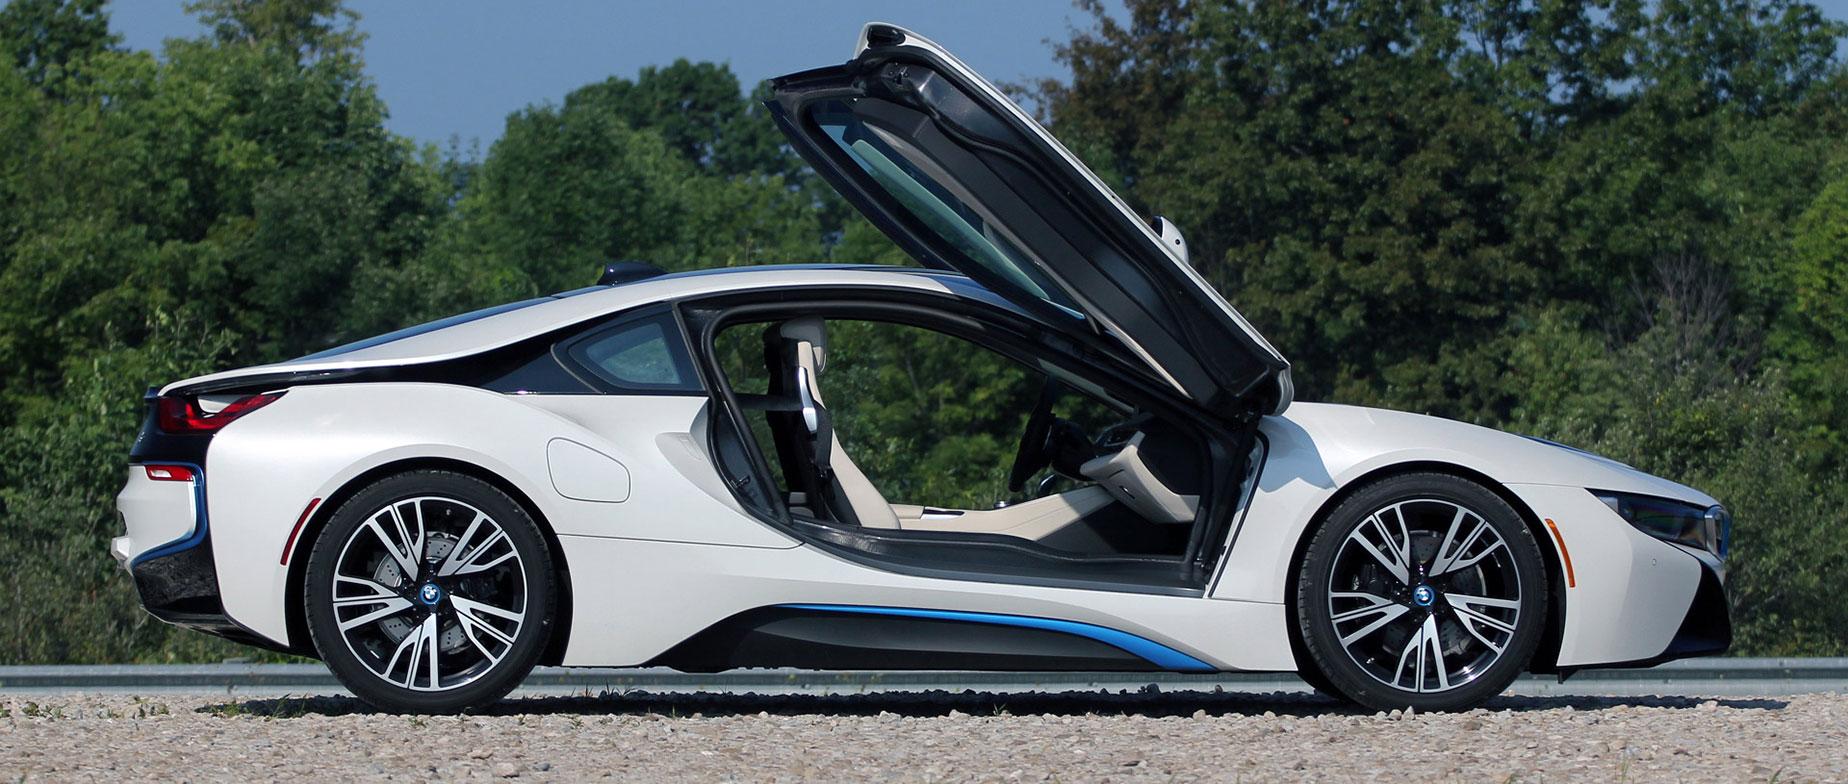 BMW i8 1.5 Plug-in hybrid élményvezetés a Kakucsringen